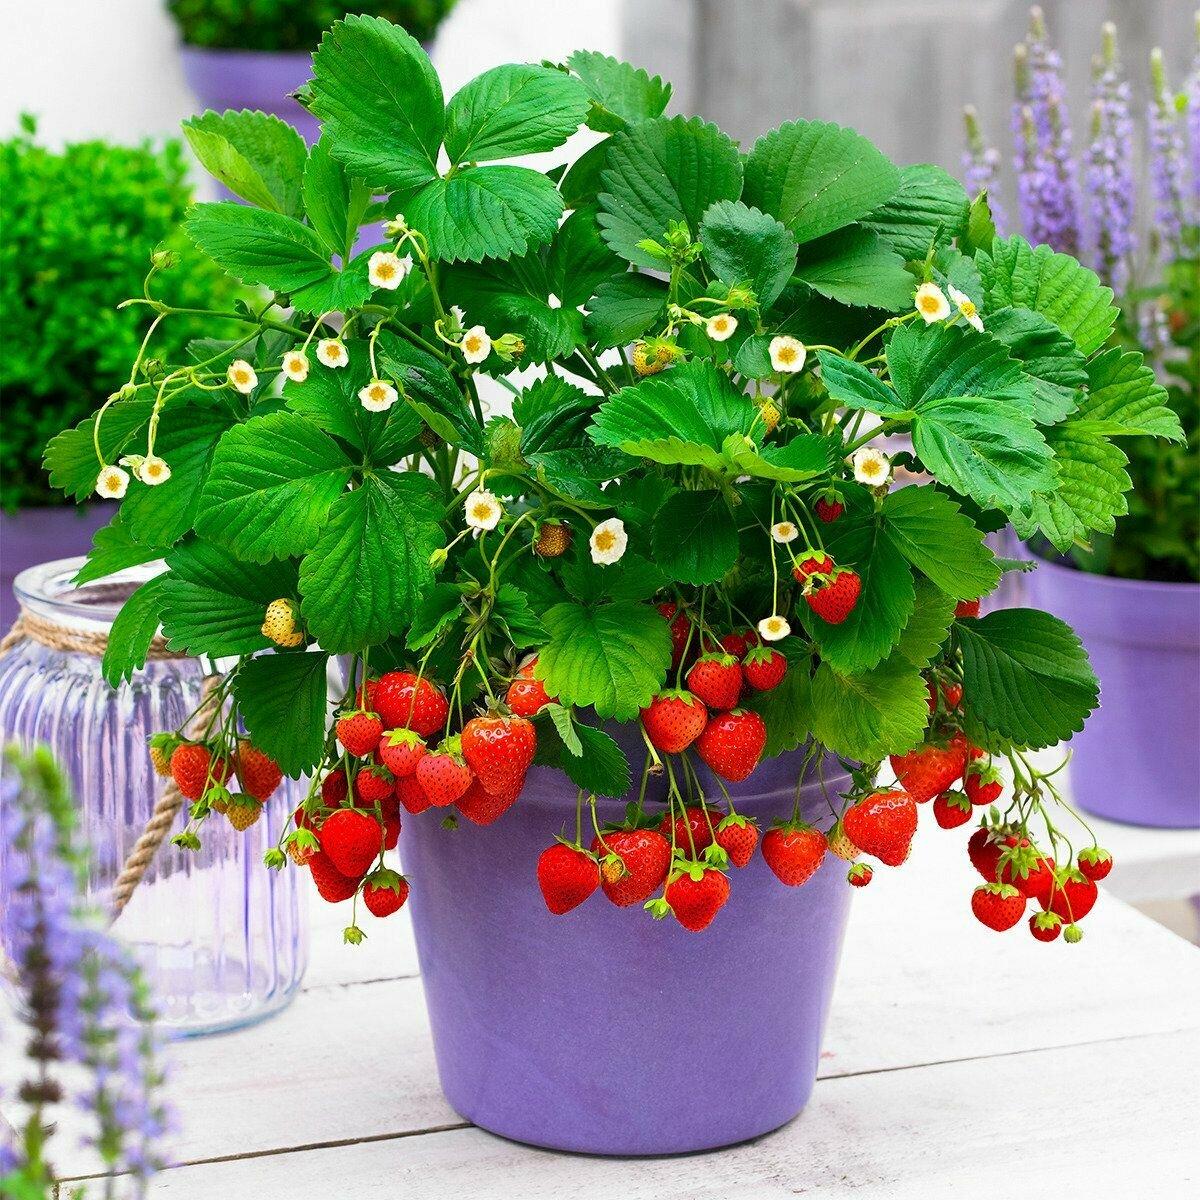 Клубника в горшках: выращивание на улице и в домашних условиях